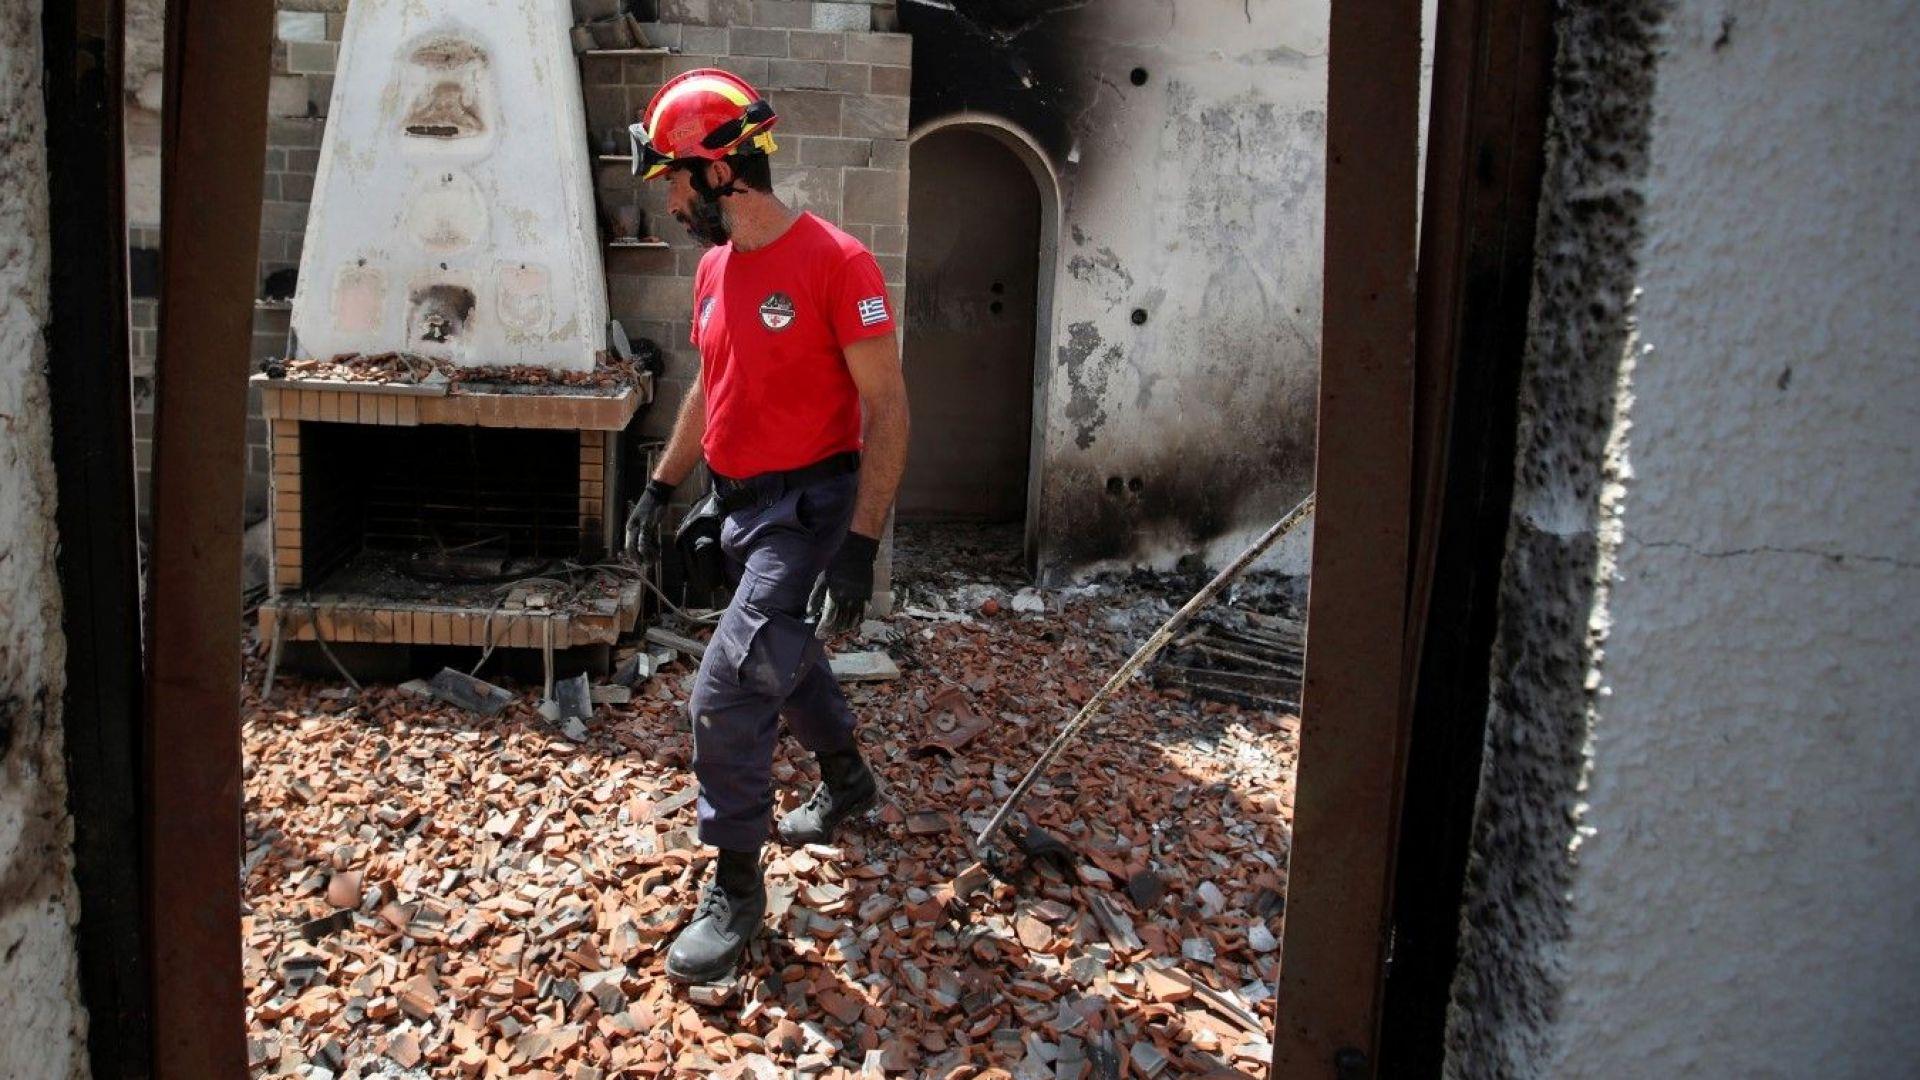 Пожарите и смъртта са Божие наказание заради премиера-атеист Алексис Ципрас, заяви гръцки митрополит